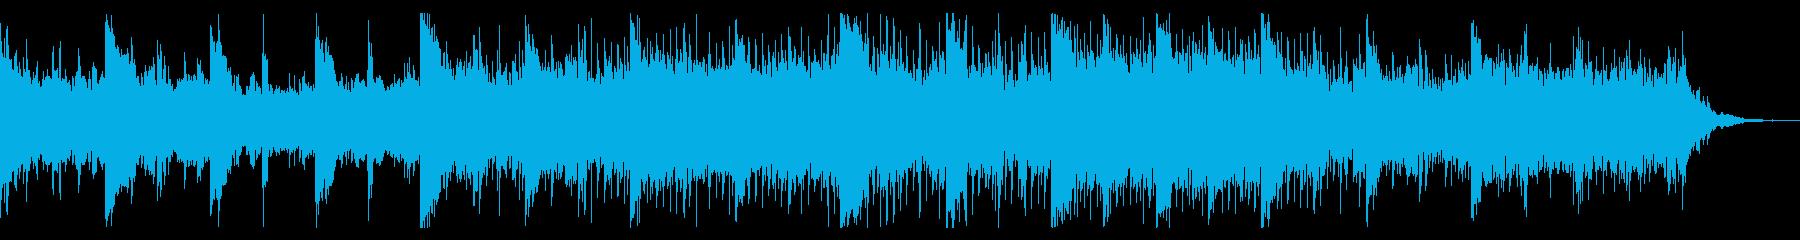 ダークでねじ曲がったテクスチャの再生済みの波形